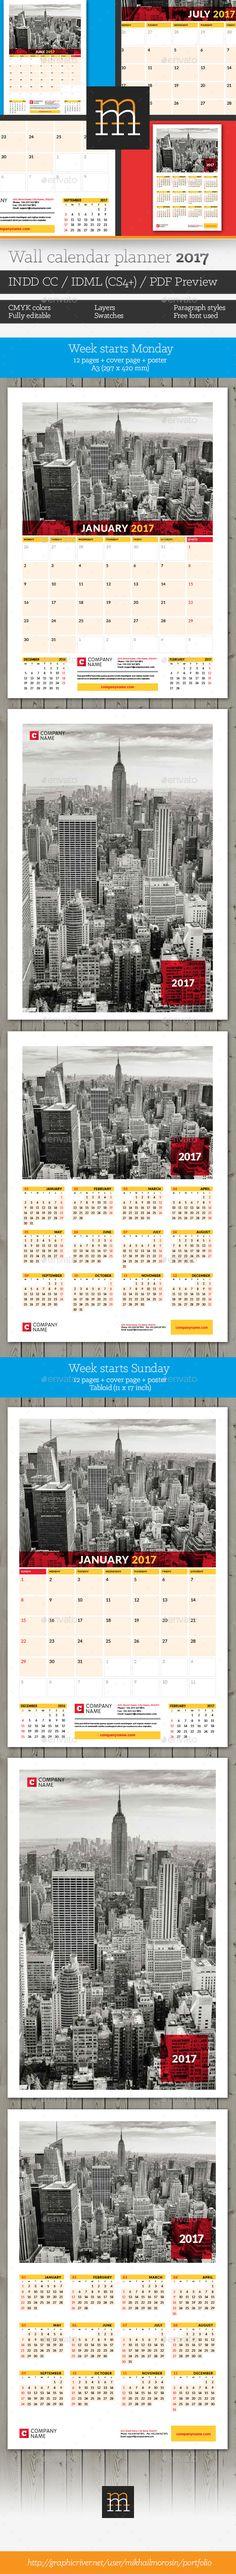 77 Best Calendar Template 2018 Images On Pinterest Calendar 2018